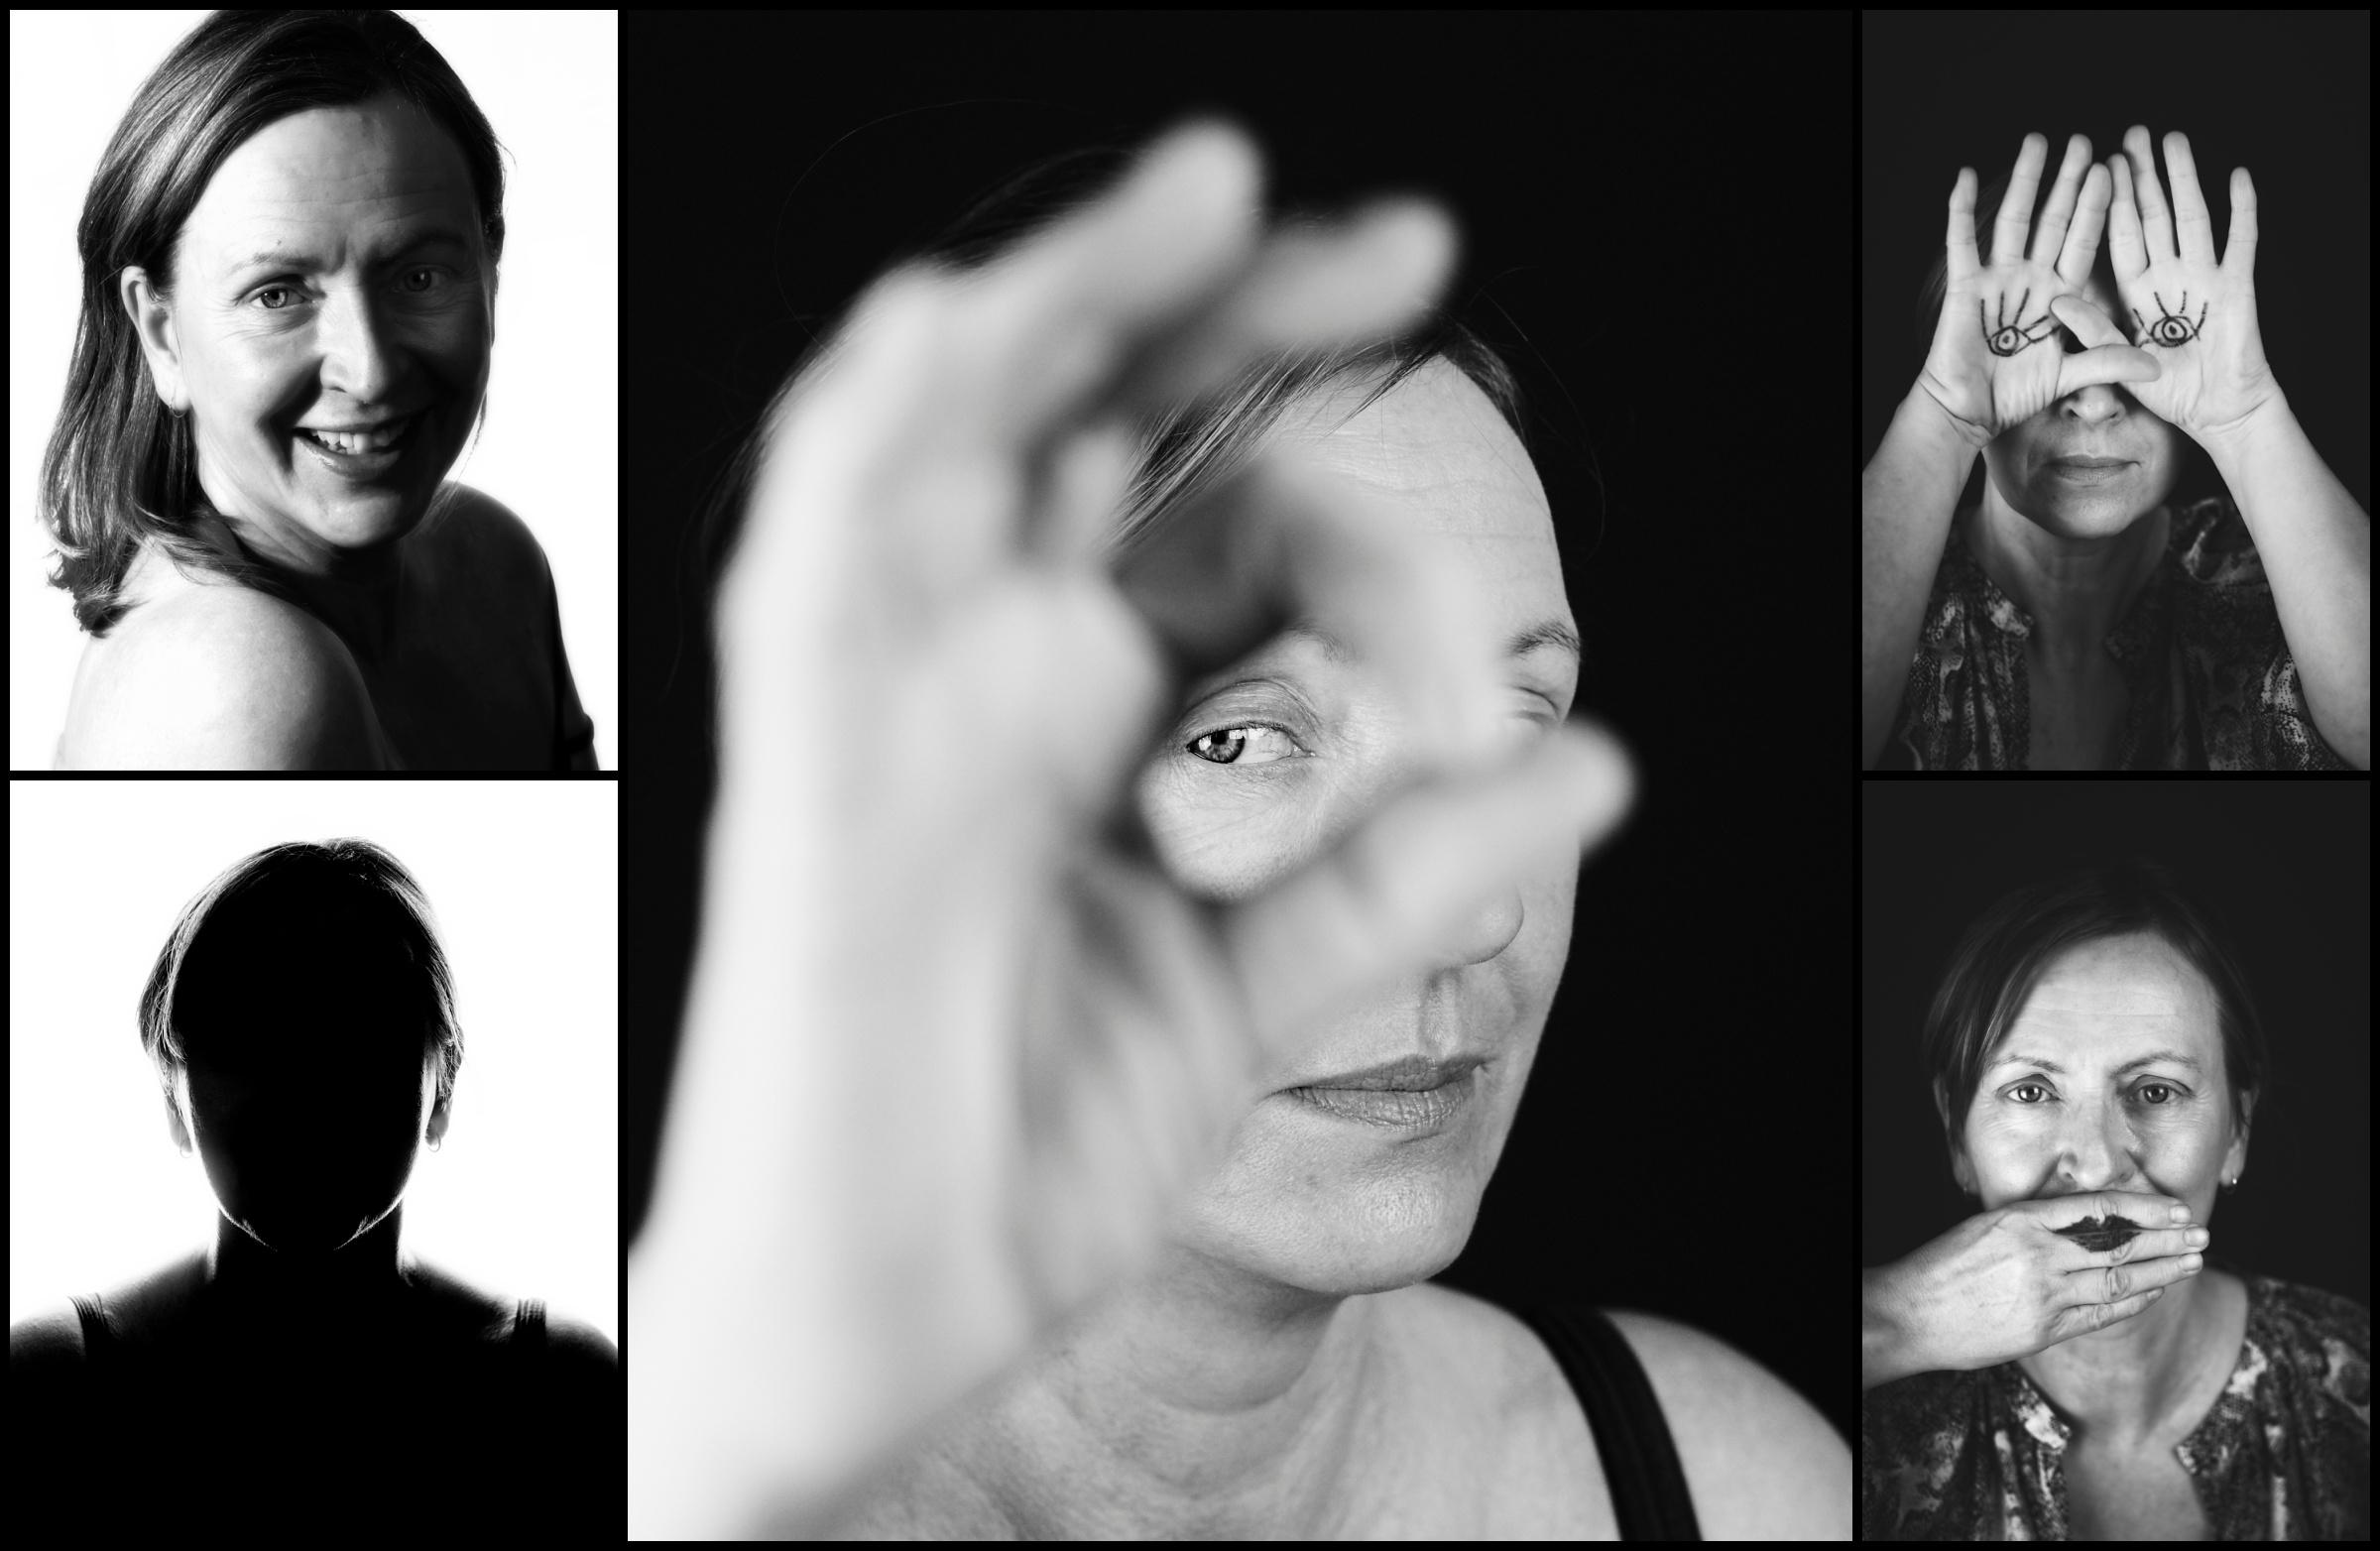 kreativt porträtt svartvitt kvinna fotograf skåne höör